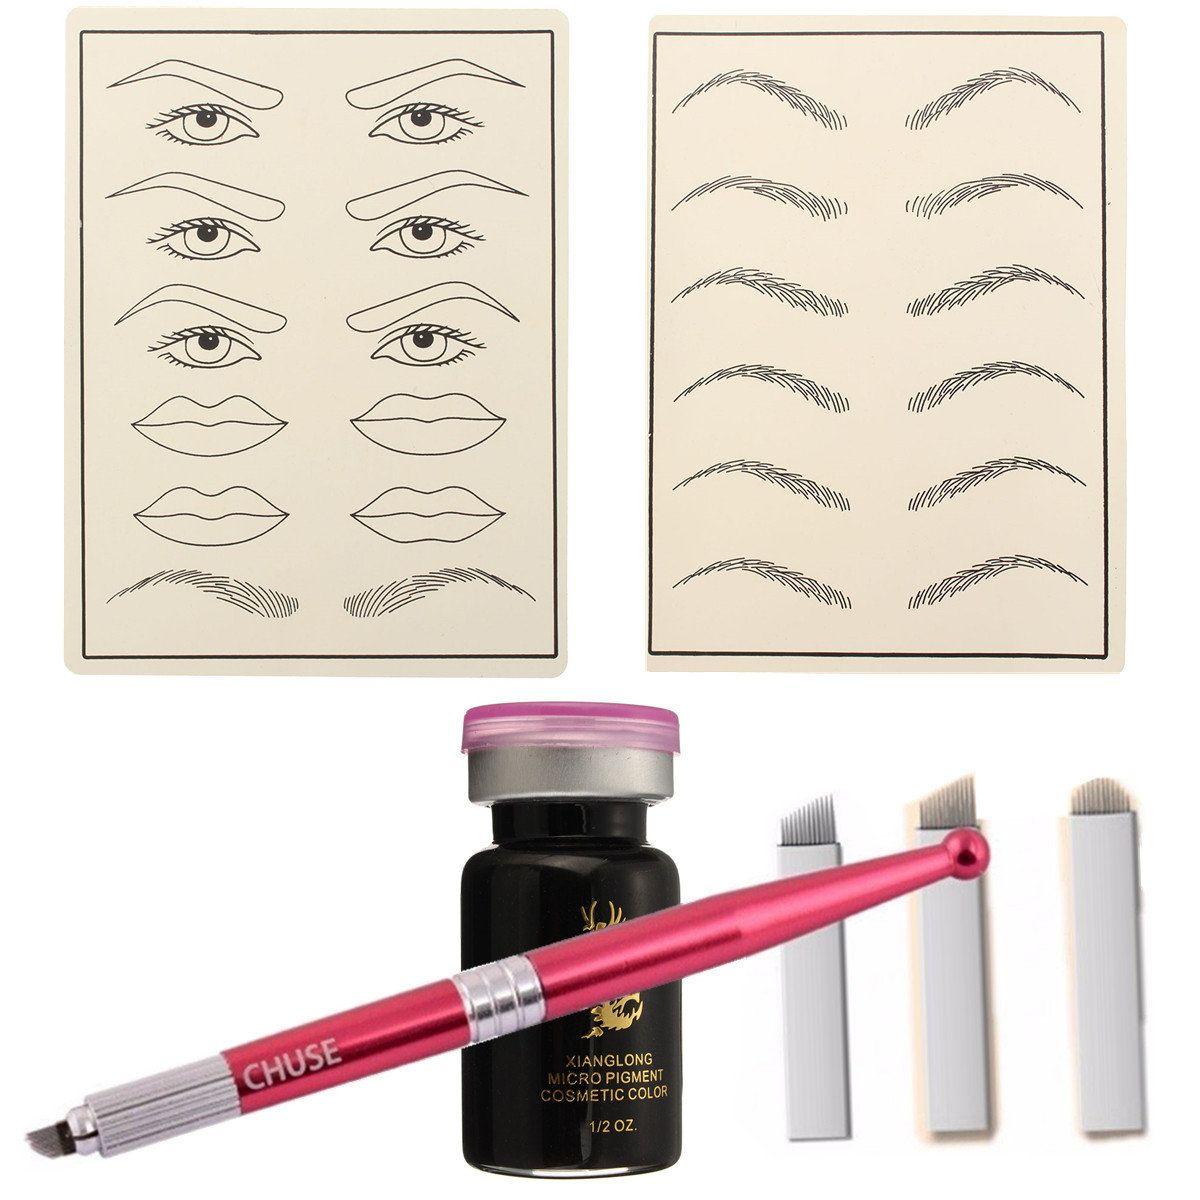 Makeup Tattoo Kit Permanent Eyebrow Pen Practice Tattoos